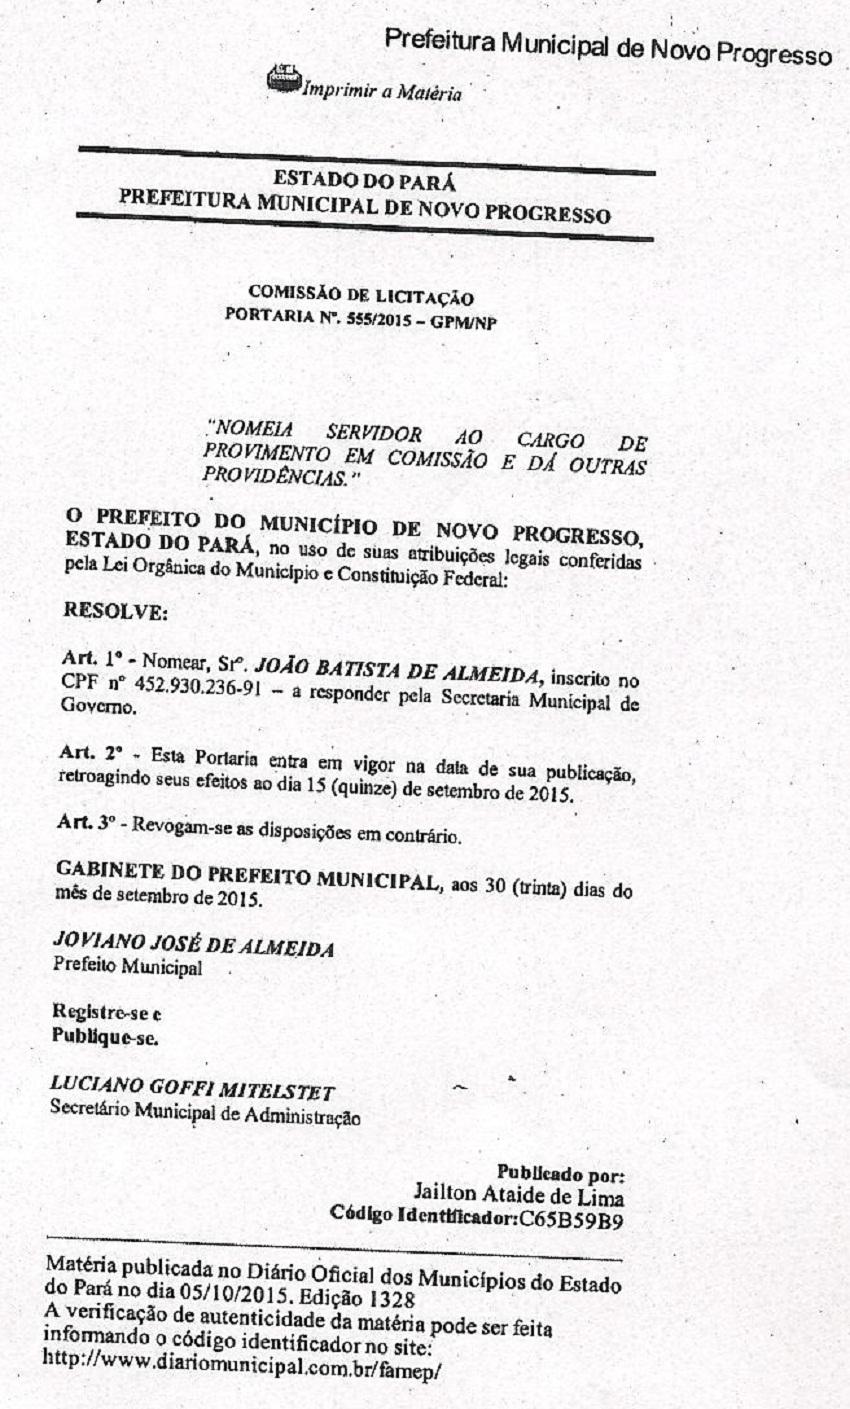 Portaria Assinada pelo Prefeito Joviano (PSL) nomeando João Batista de Almeida Secretario de Governo do Município de Novo Progresso